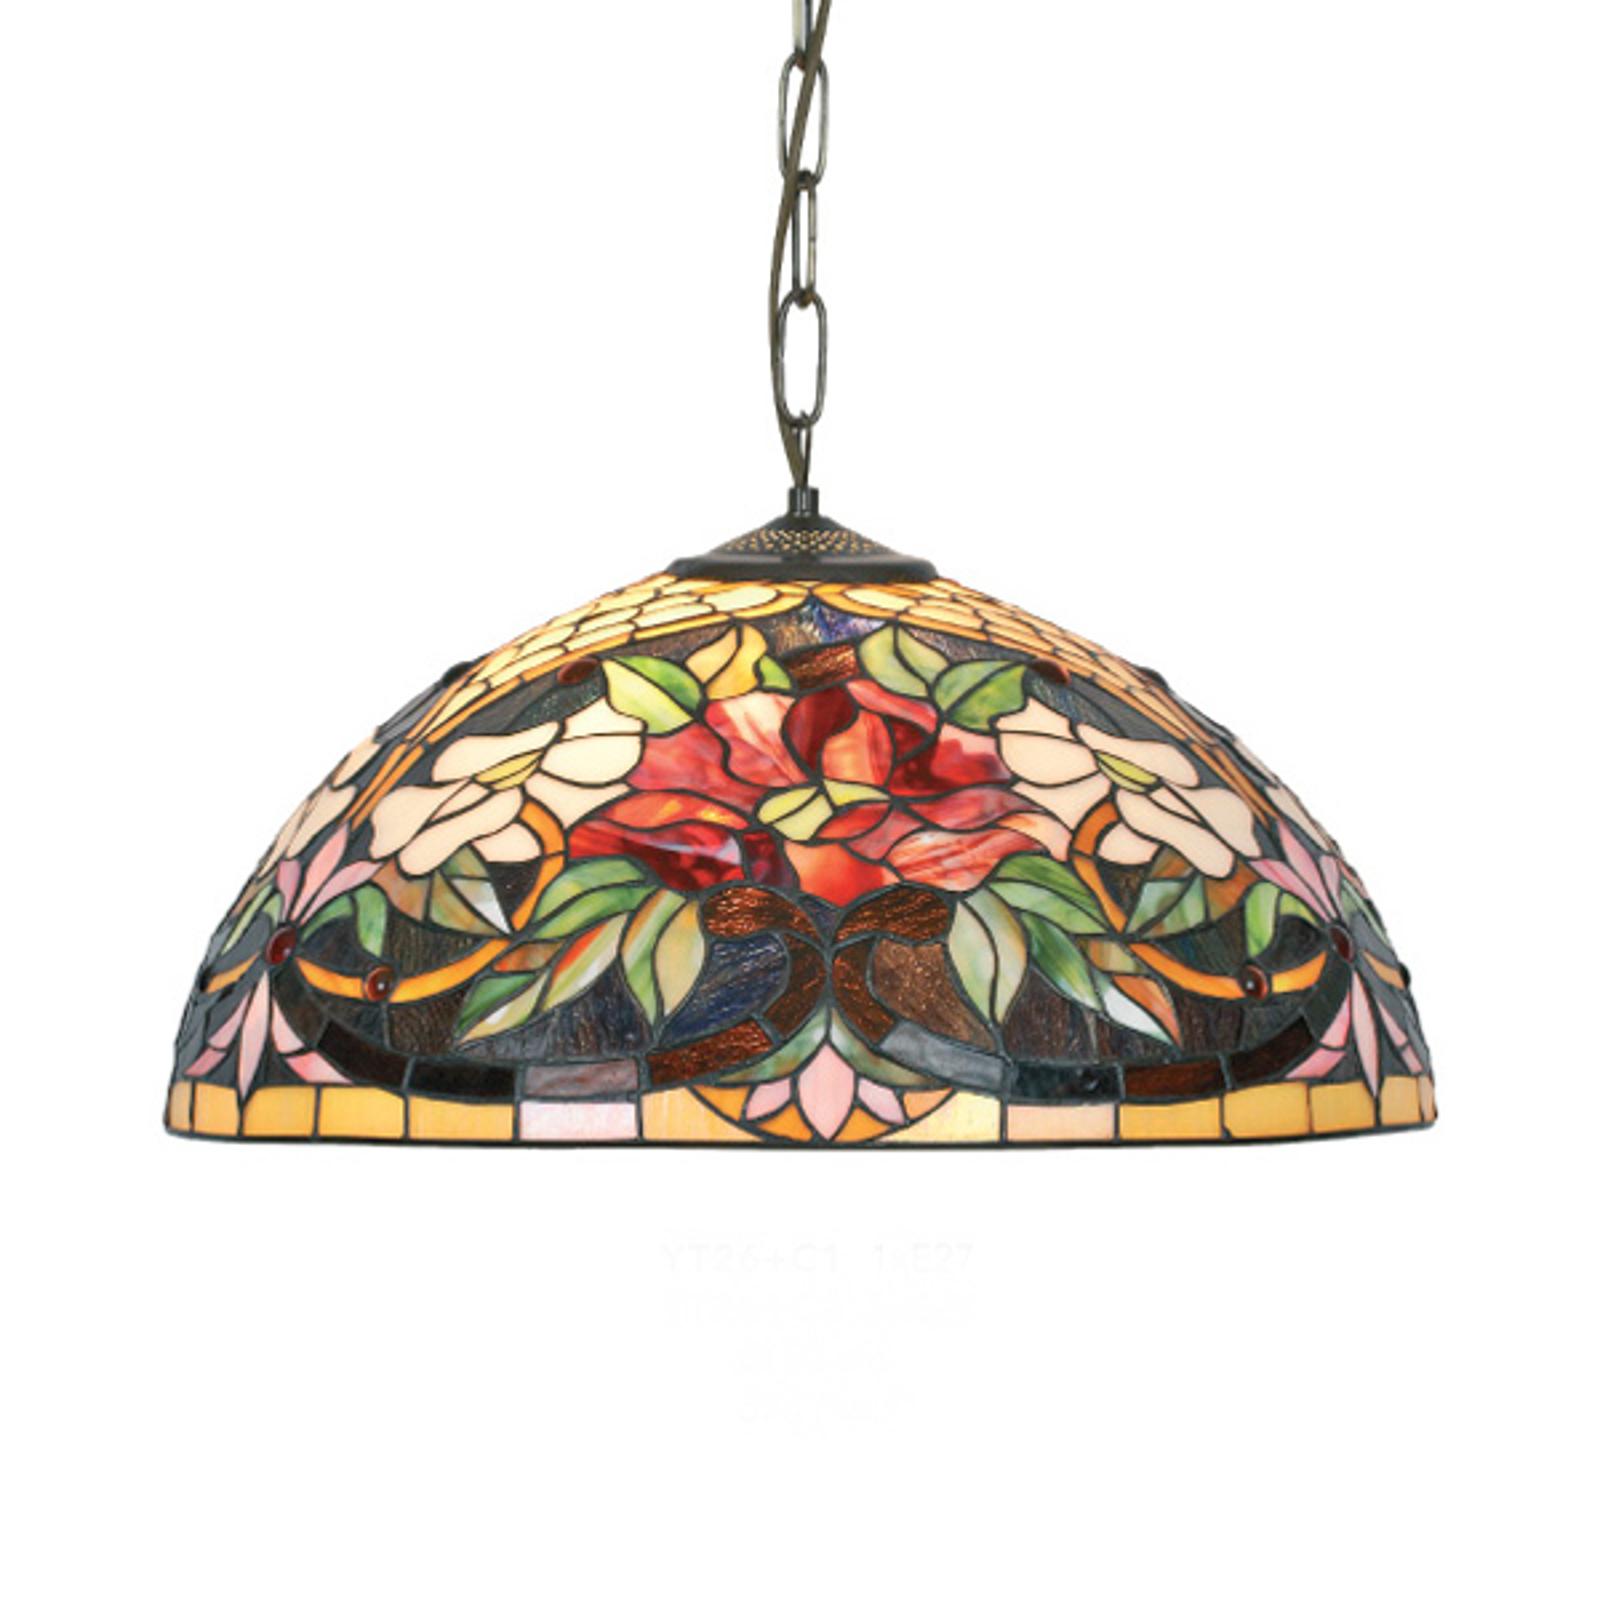 Závesná lampa v štýle Tiffany Ariadne 2xE27_1032149_1